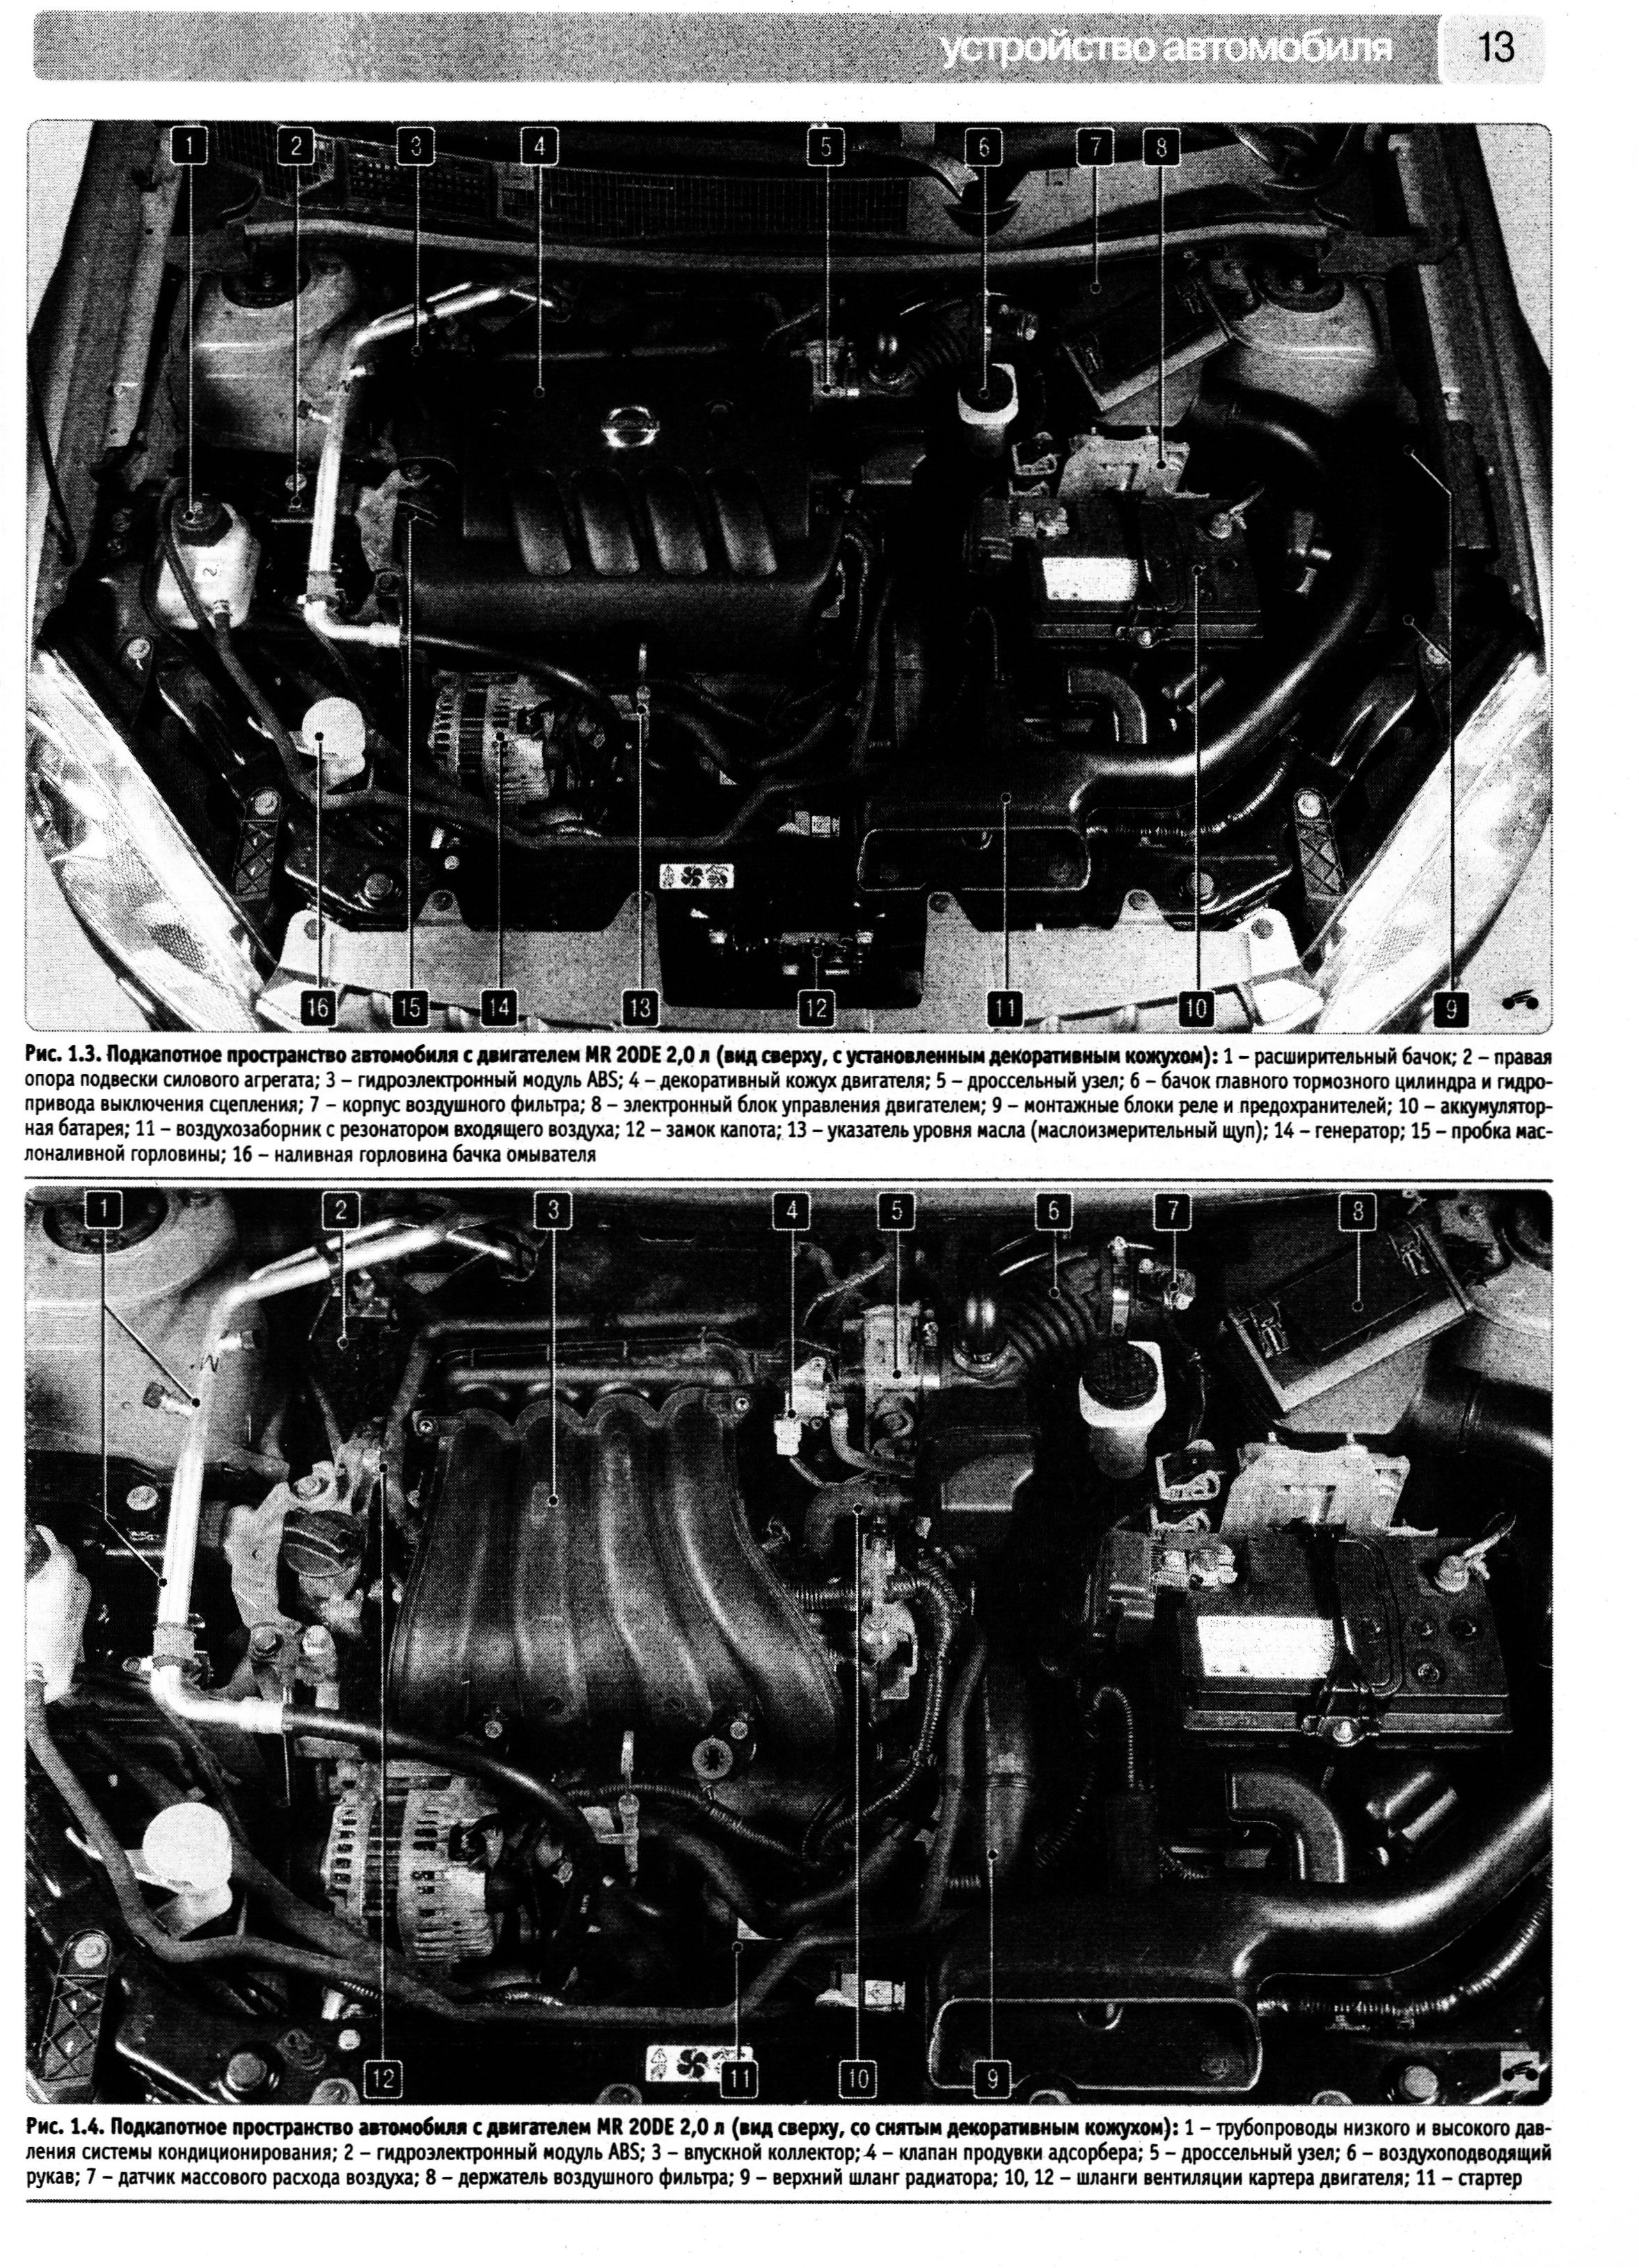 компьютерная диагностика автомобиля скачать программу